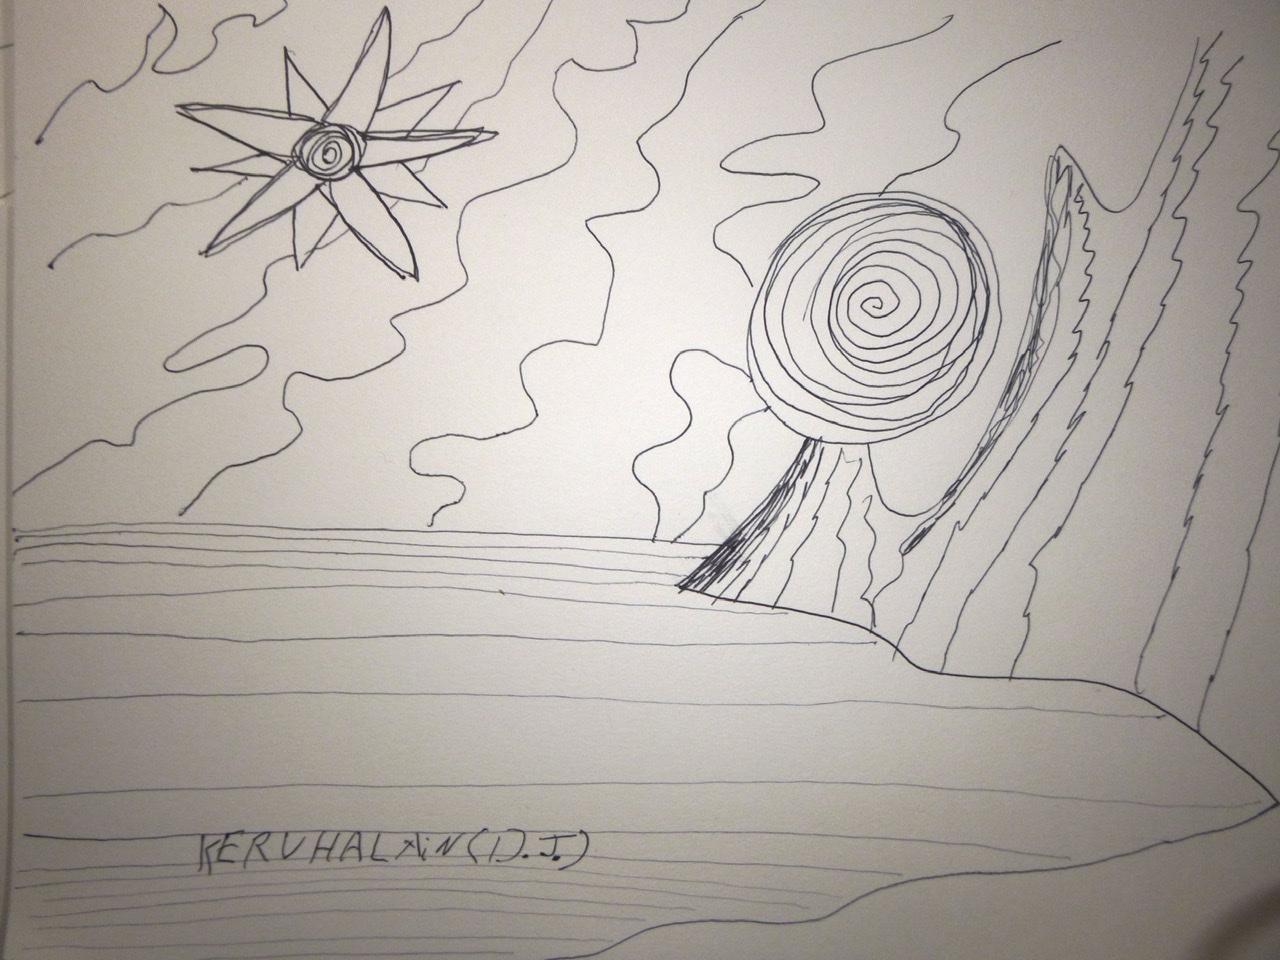 """<span style=""""color: #ff0000;""""><a style=""""color: #ff0000;"""" href=""""mailto:johorse.danielssen@gmail.com?subject=Défi 15 dessins 15 semaines -  Astres devant les nuages"""">Contacter l'artiste</a></span> Daniel Joyal -  Astres devant les nuages - 75$ (transaction directement avec l'artiste) - marqueur sur papier Canson - 9 x 12pouces"""